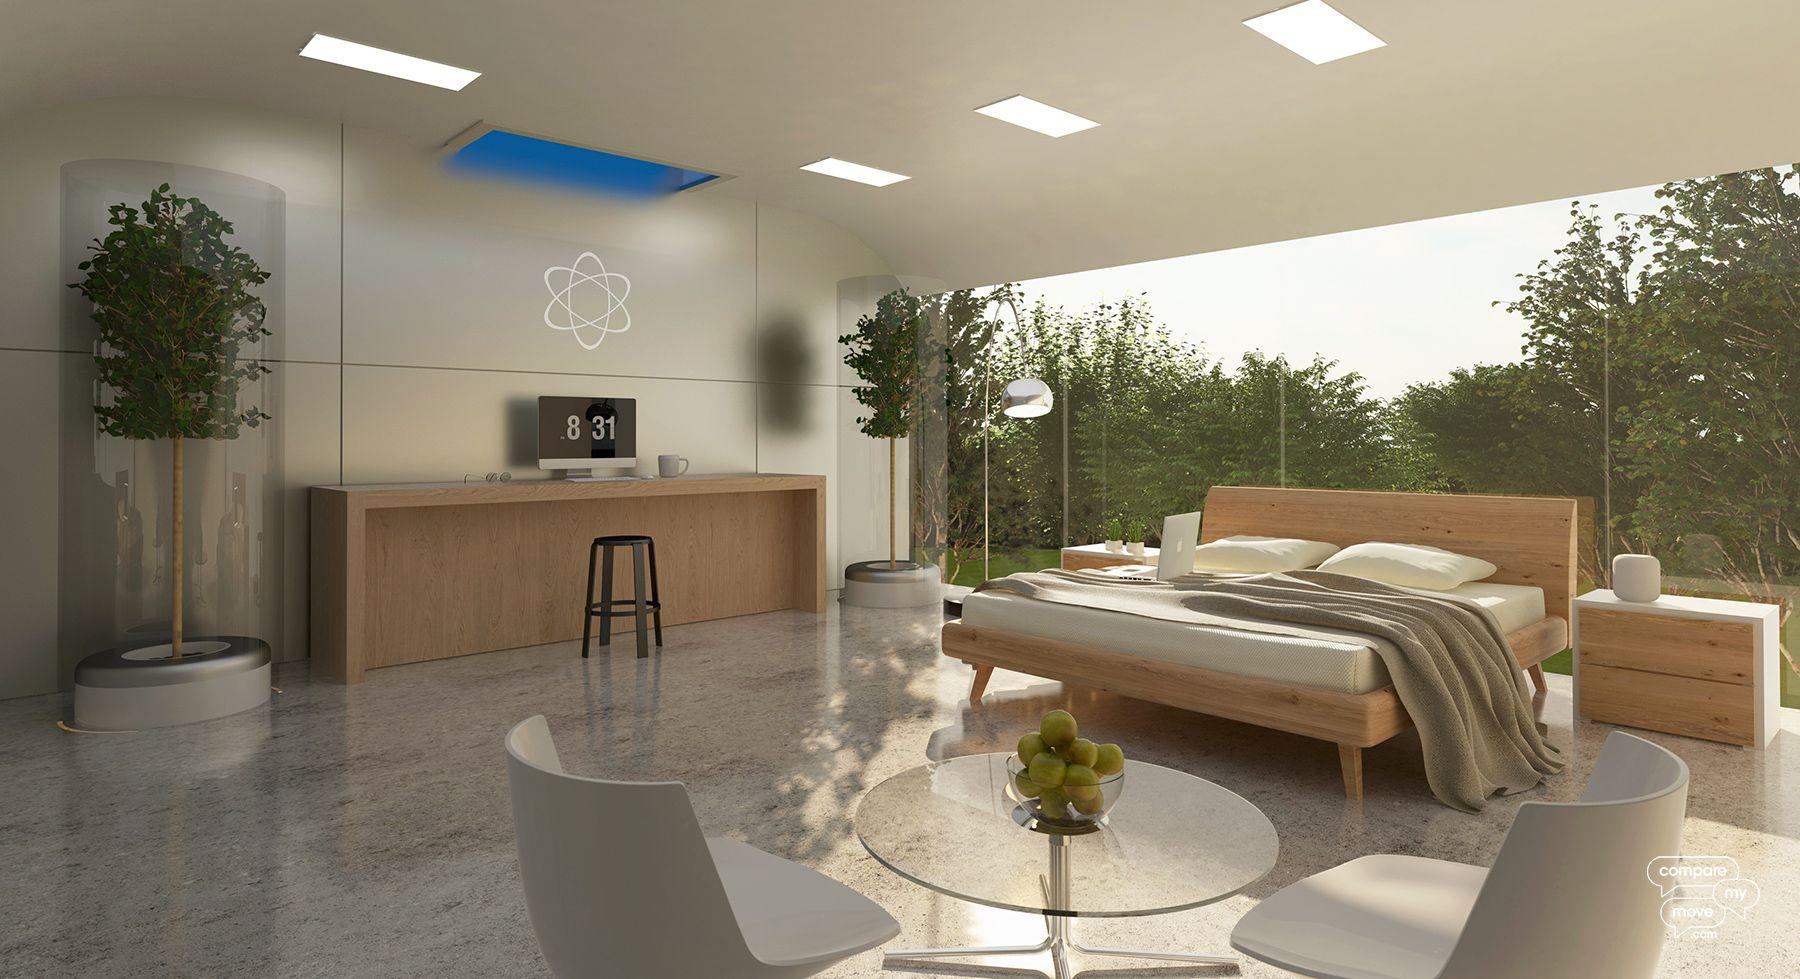 Apple bedroom design